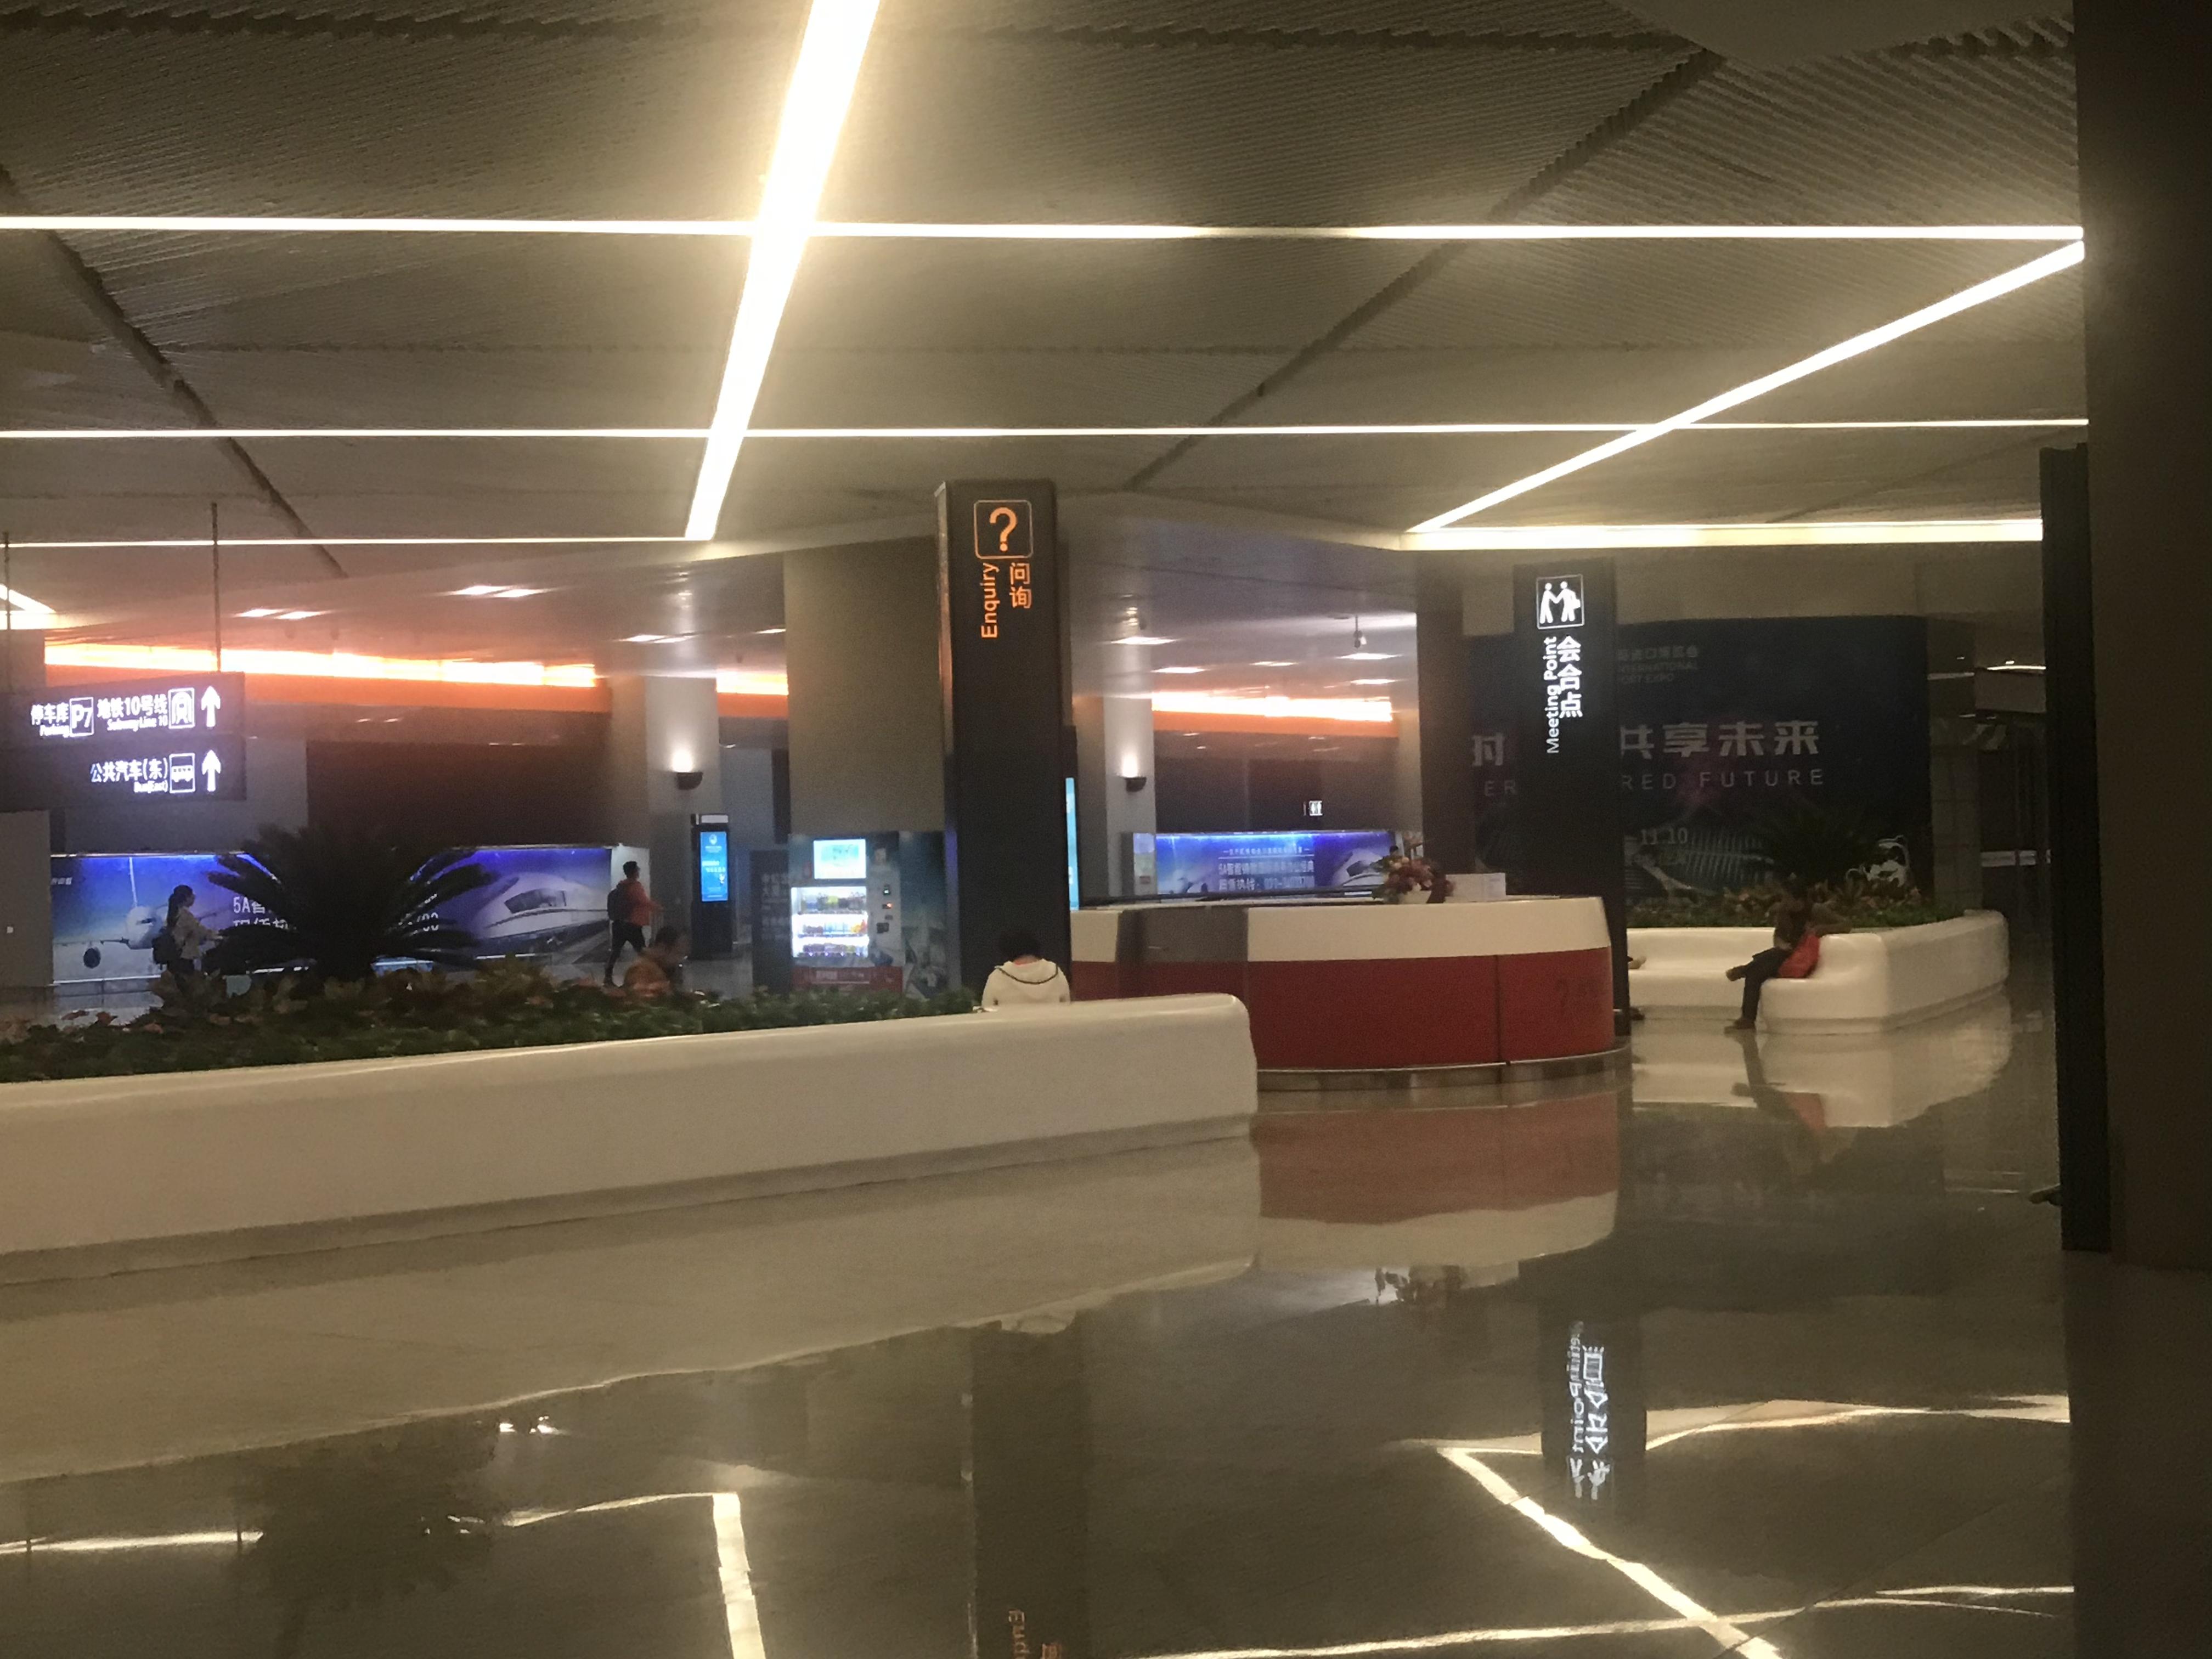 上海星耀虹桥商业中心